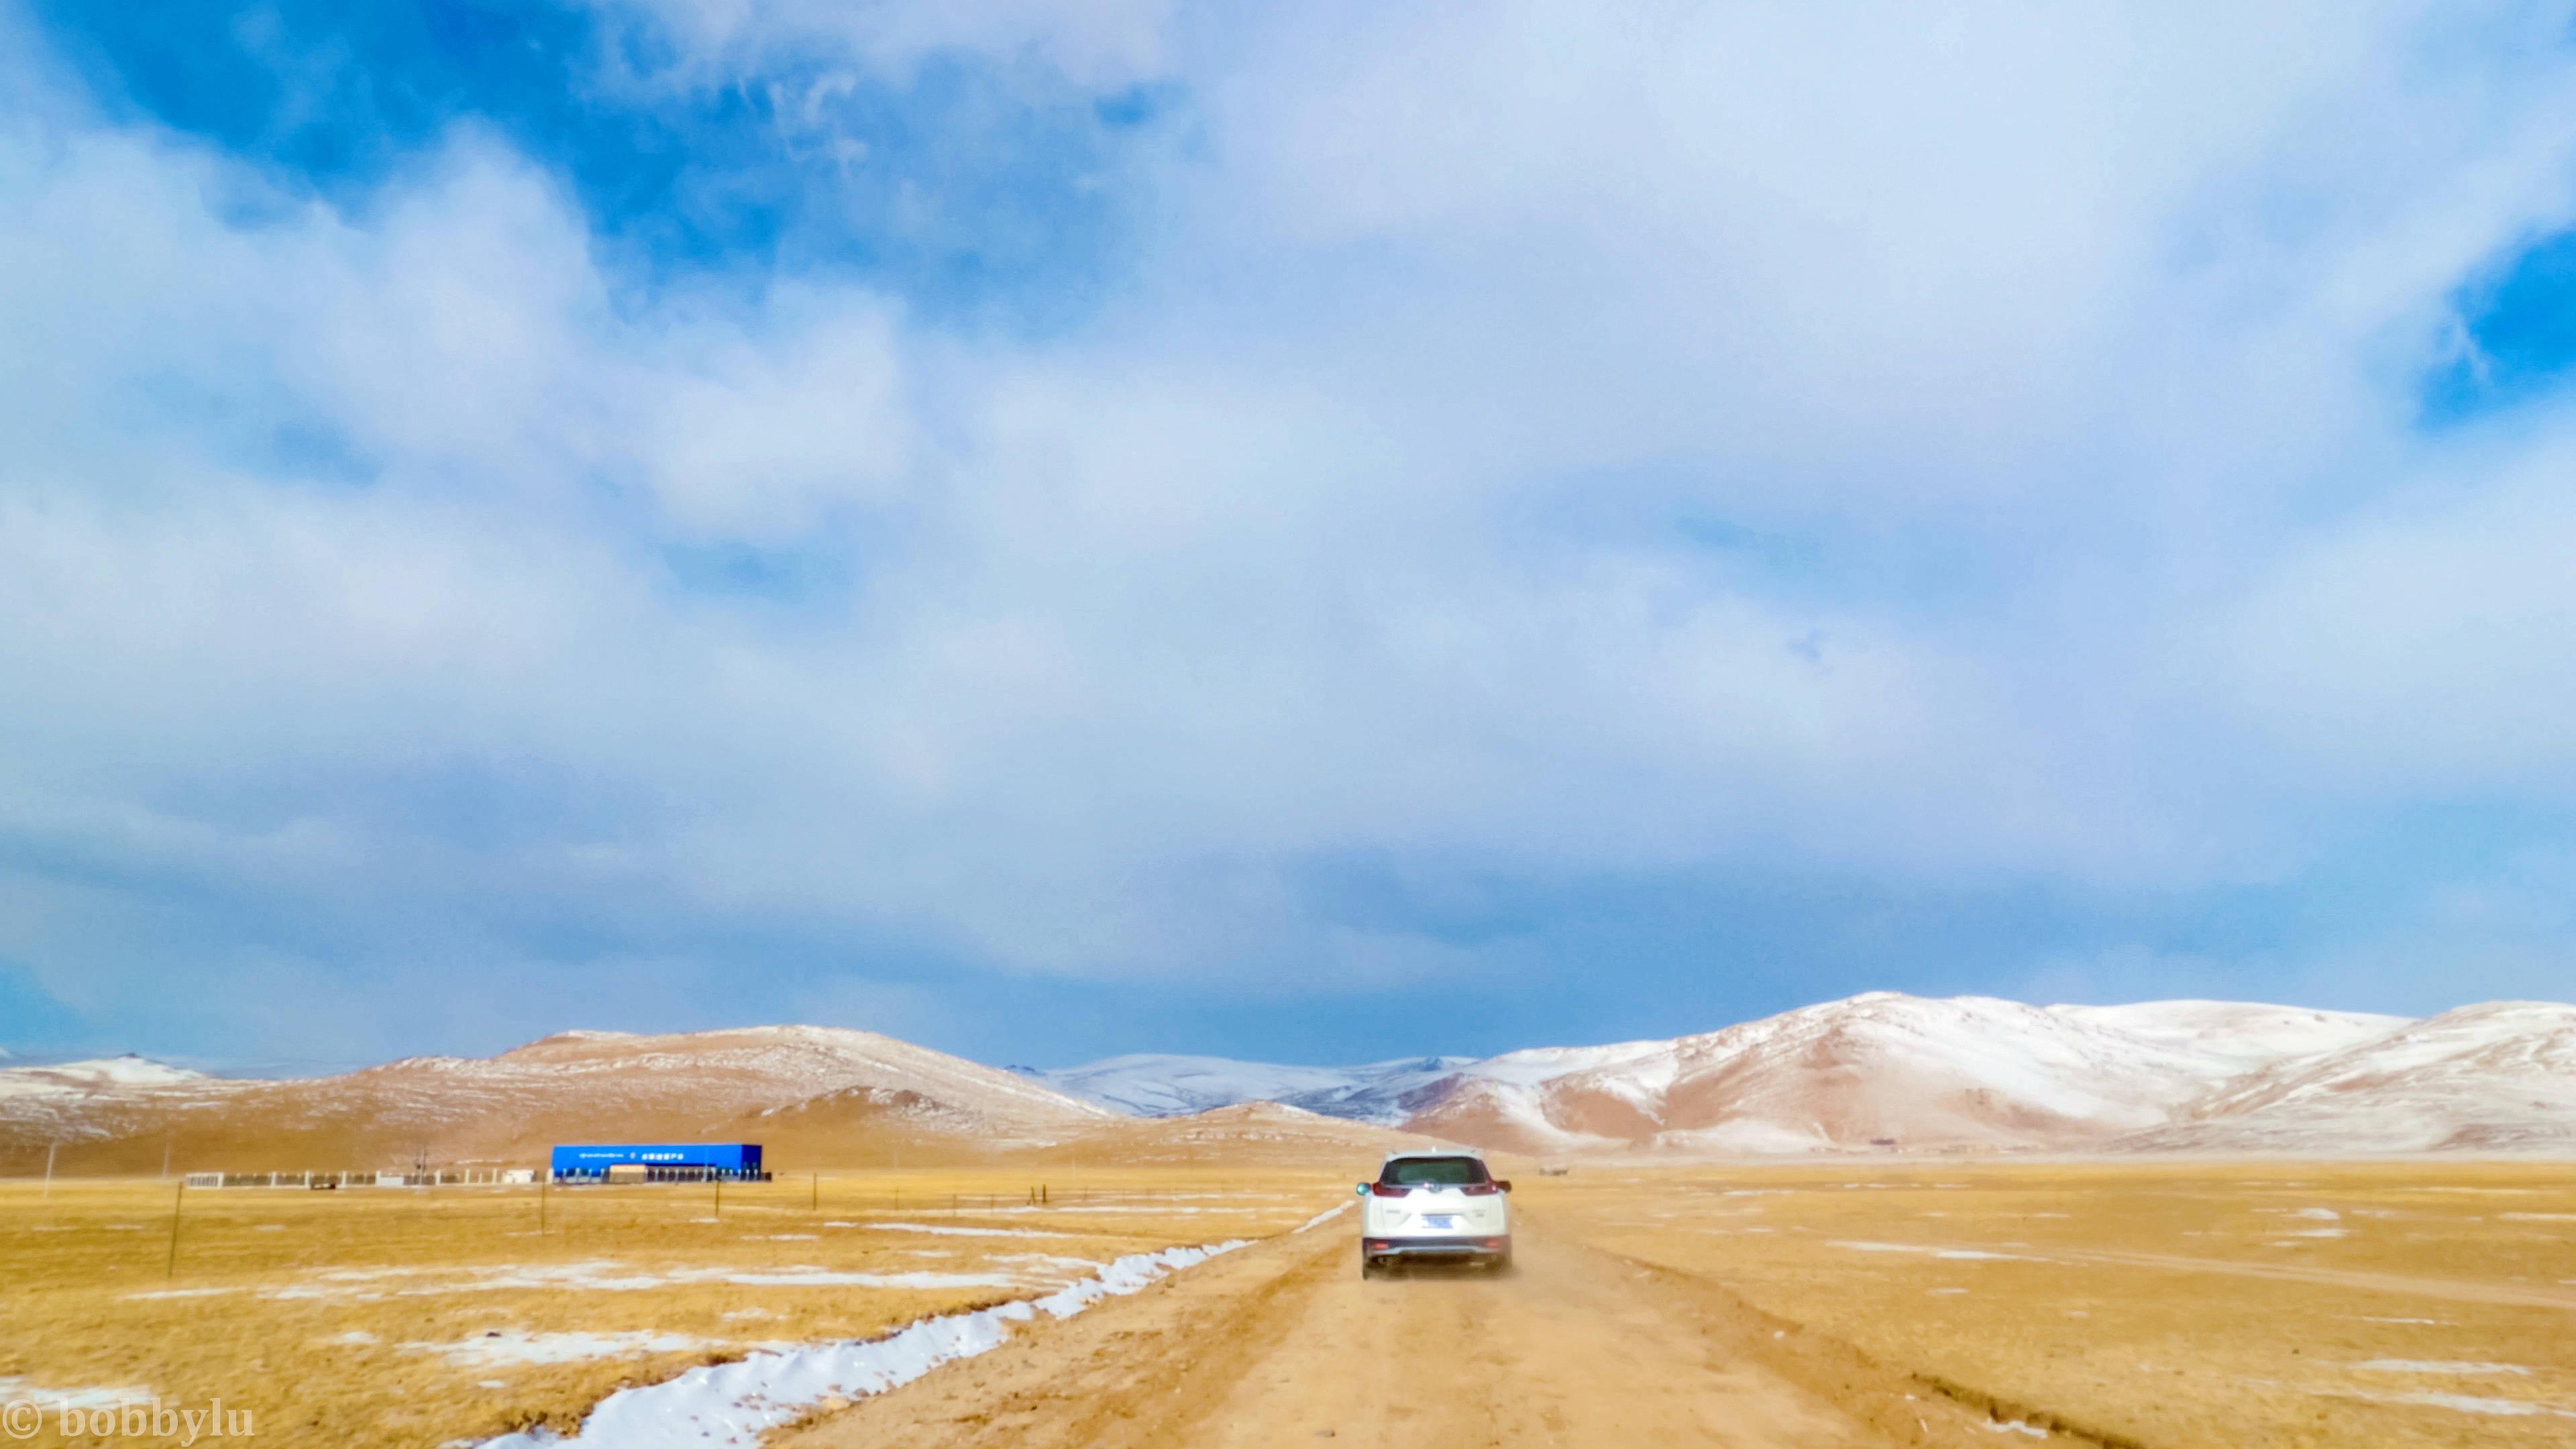 """原创             半步人间、半步天堂!不惜自驾奔袭二十小时,打卡西藏美景""""终结地"""""""